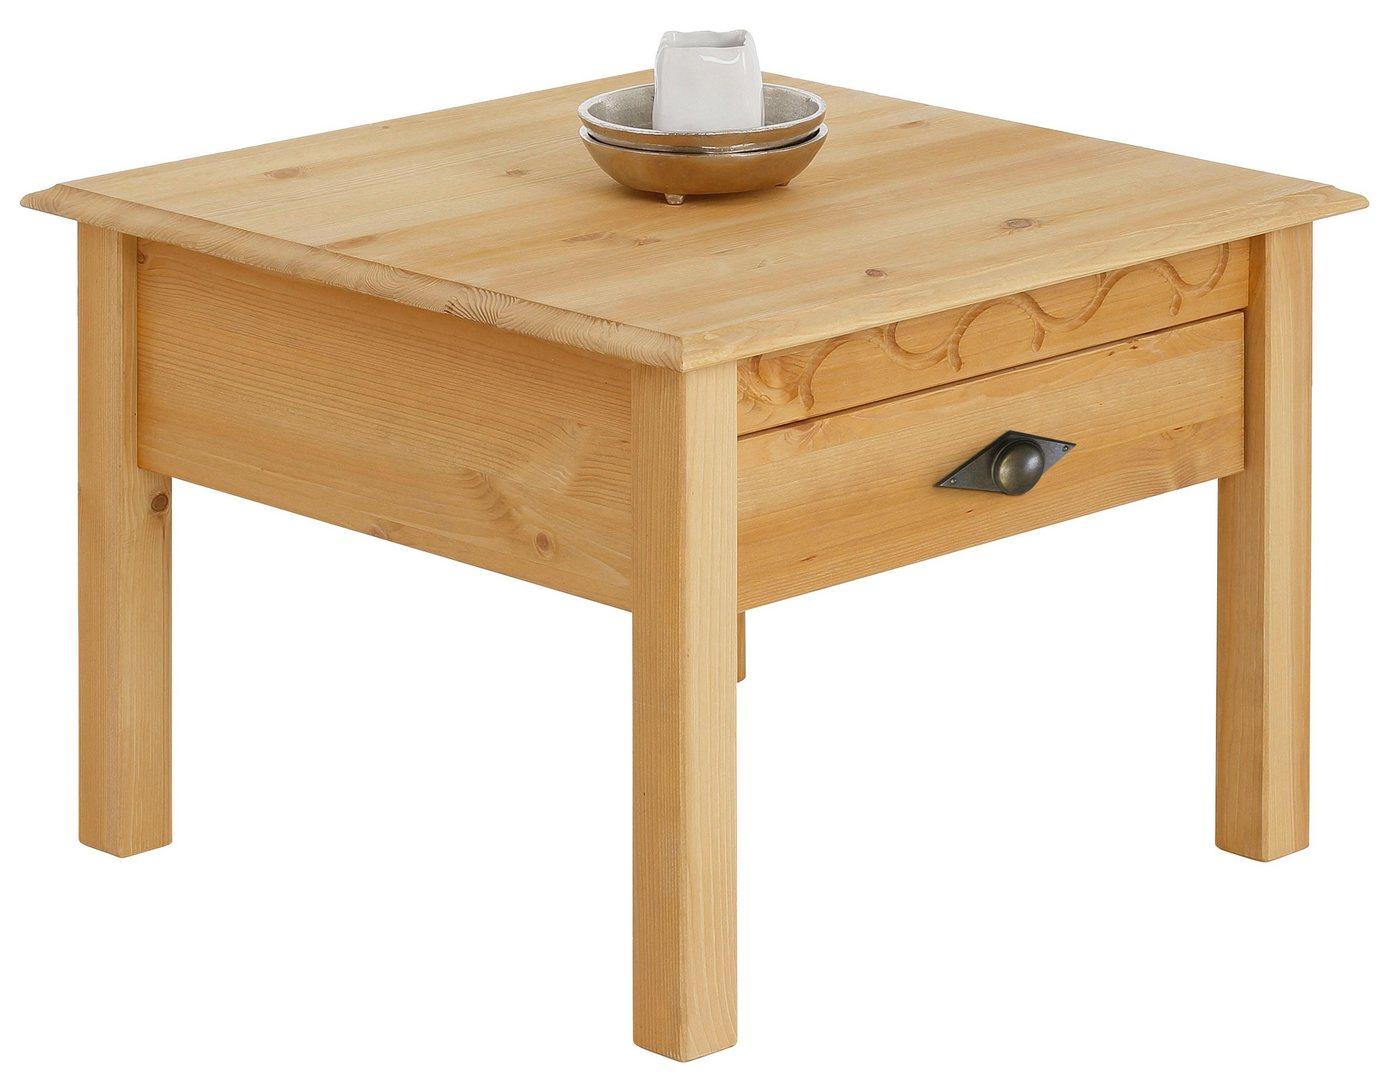 Home affaire salontafel 'Laura', 60x60 cm, met een lade